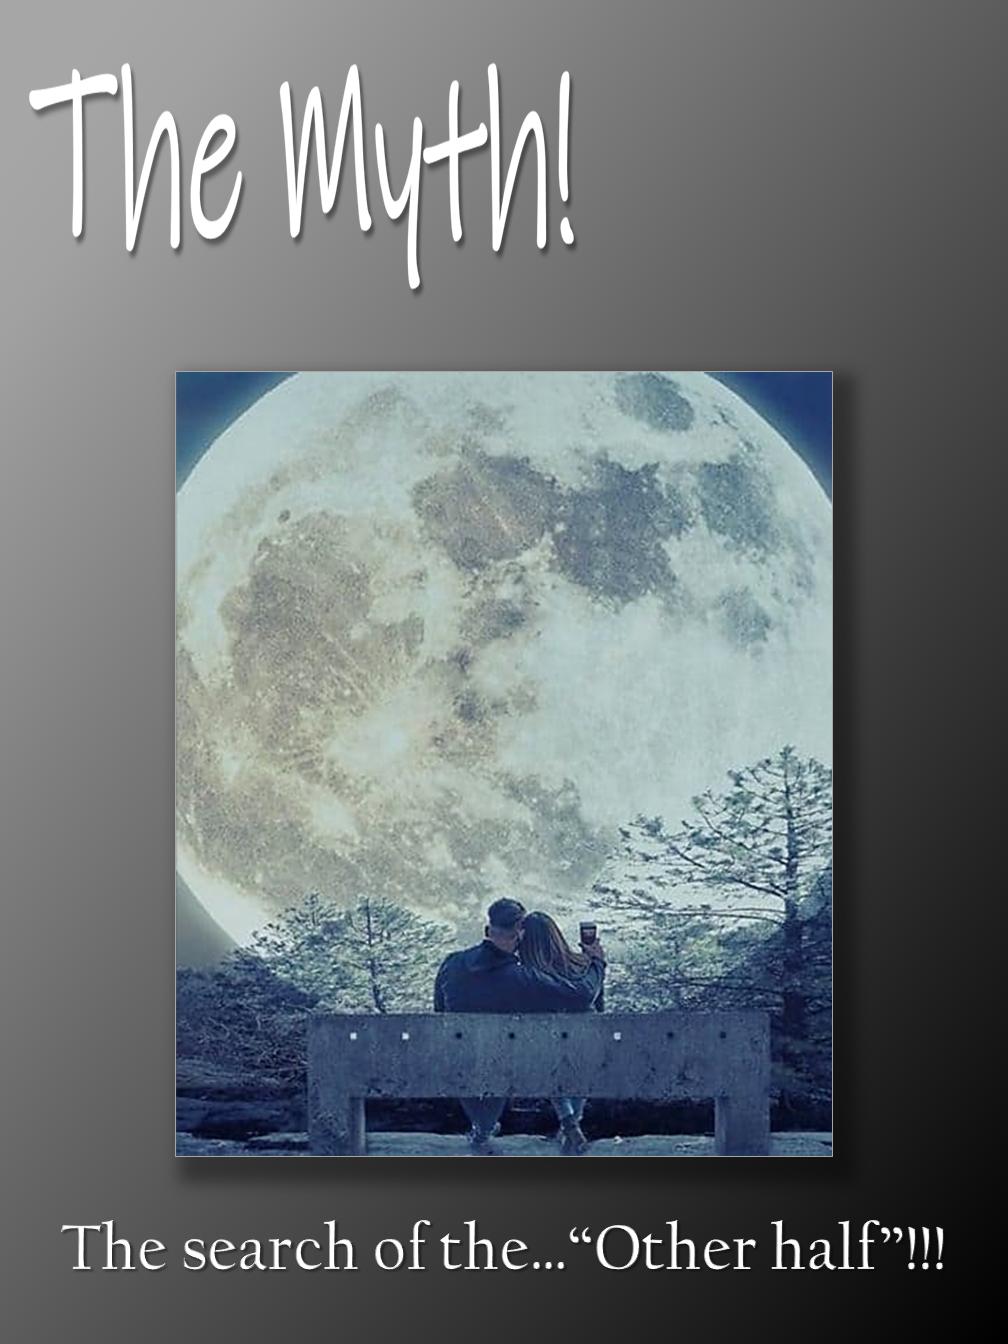 The Myth...